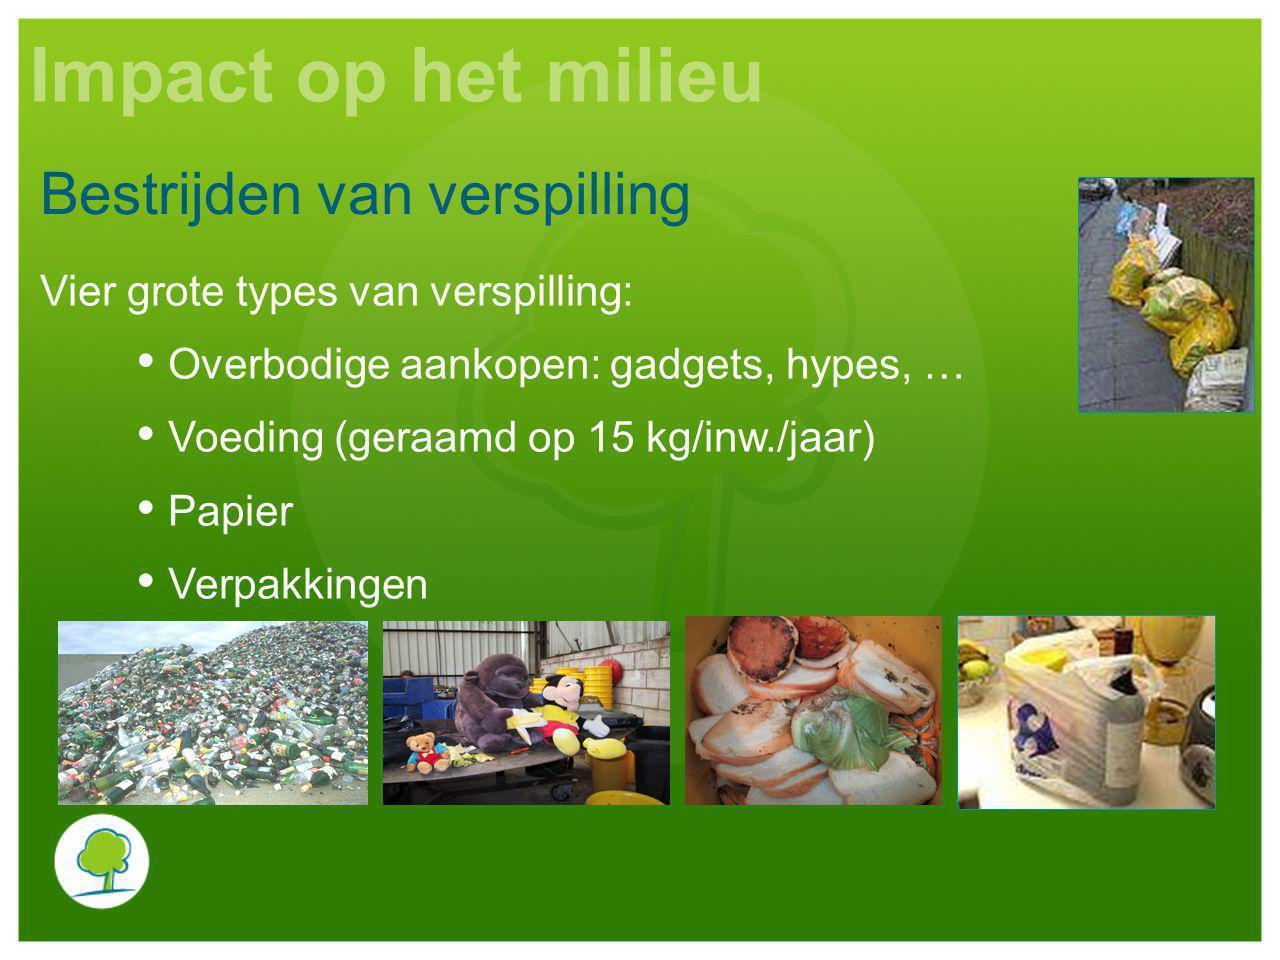 Vier grote types van verspilling: Overbodige aankopen: gadgets, hypes, … Voeding (geraamd op 15 kg/inw./jaar) Papier Verpakkingen Bestrijden van versp